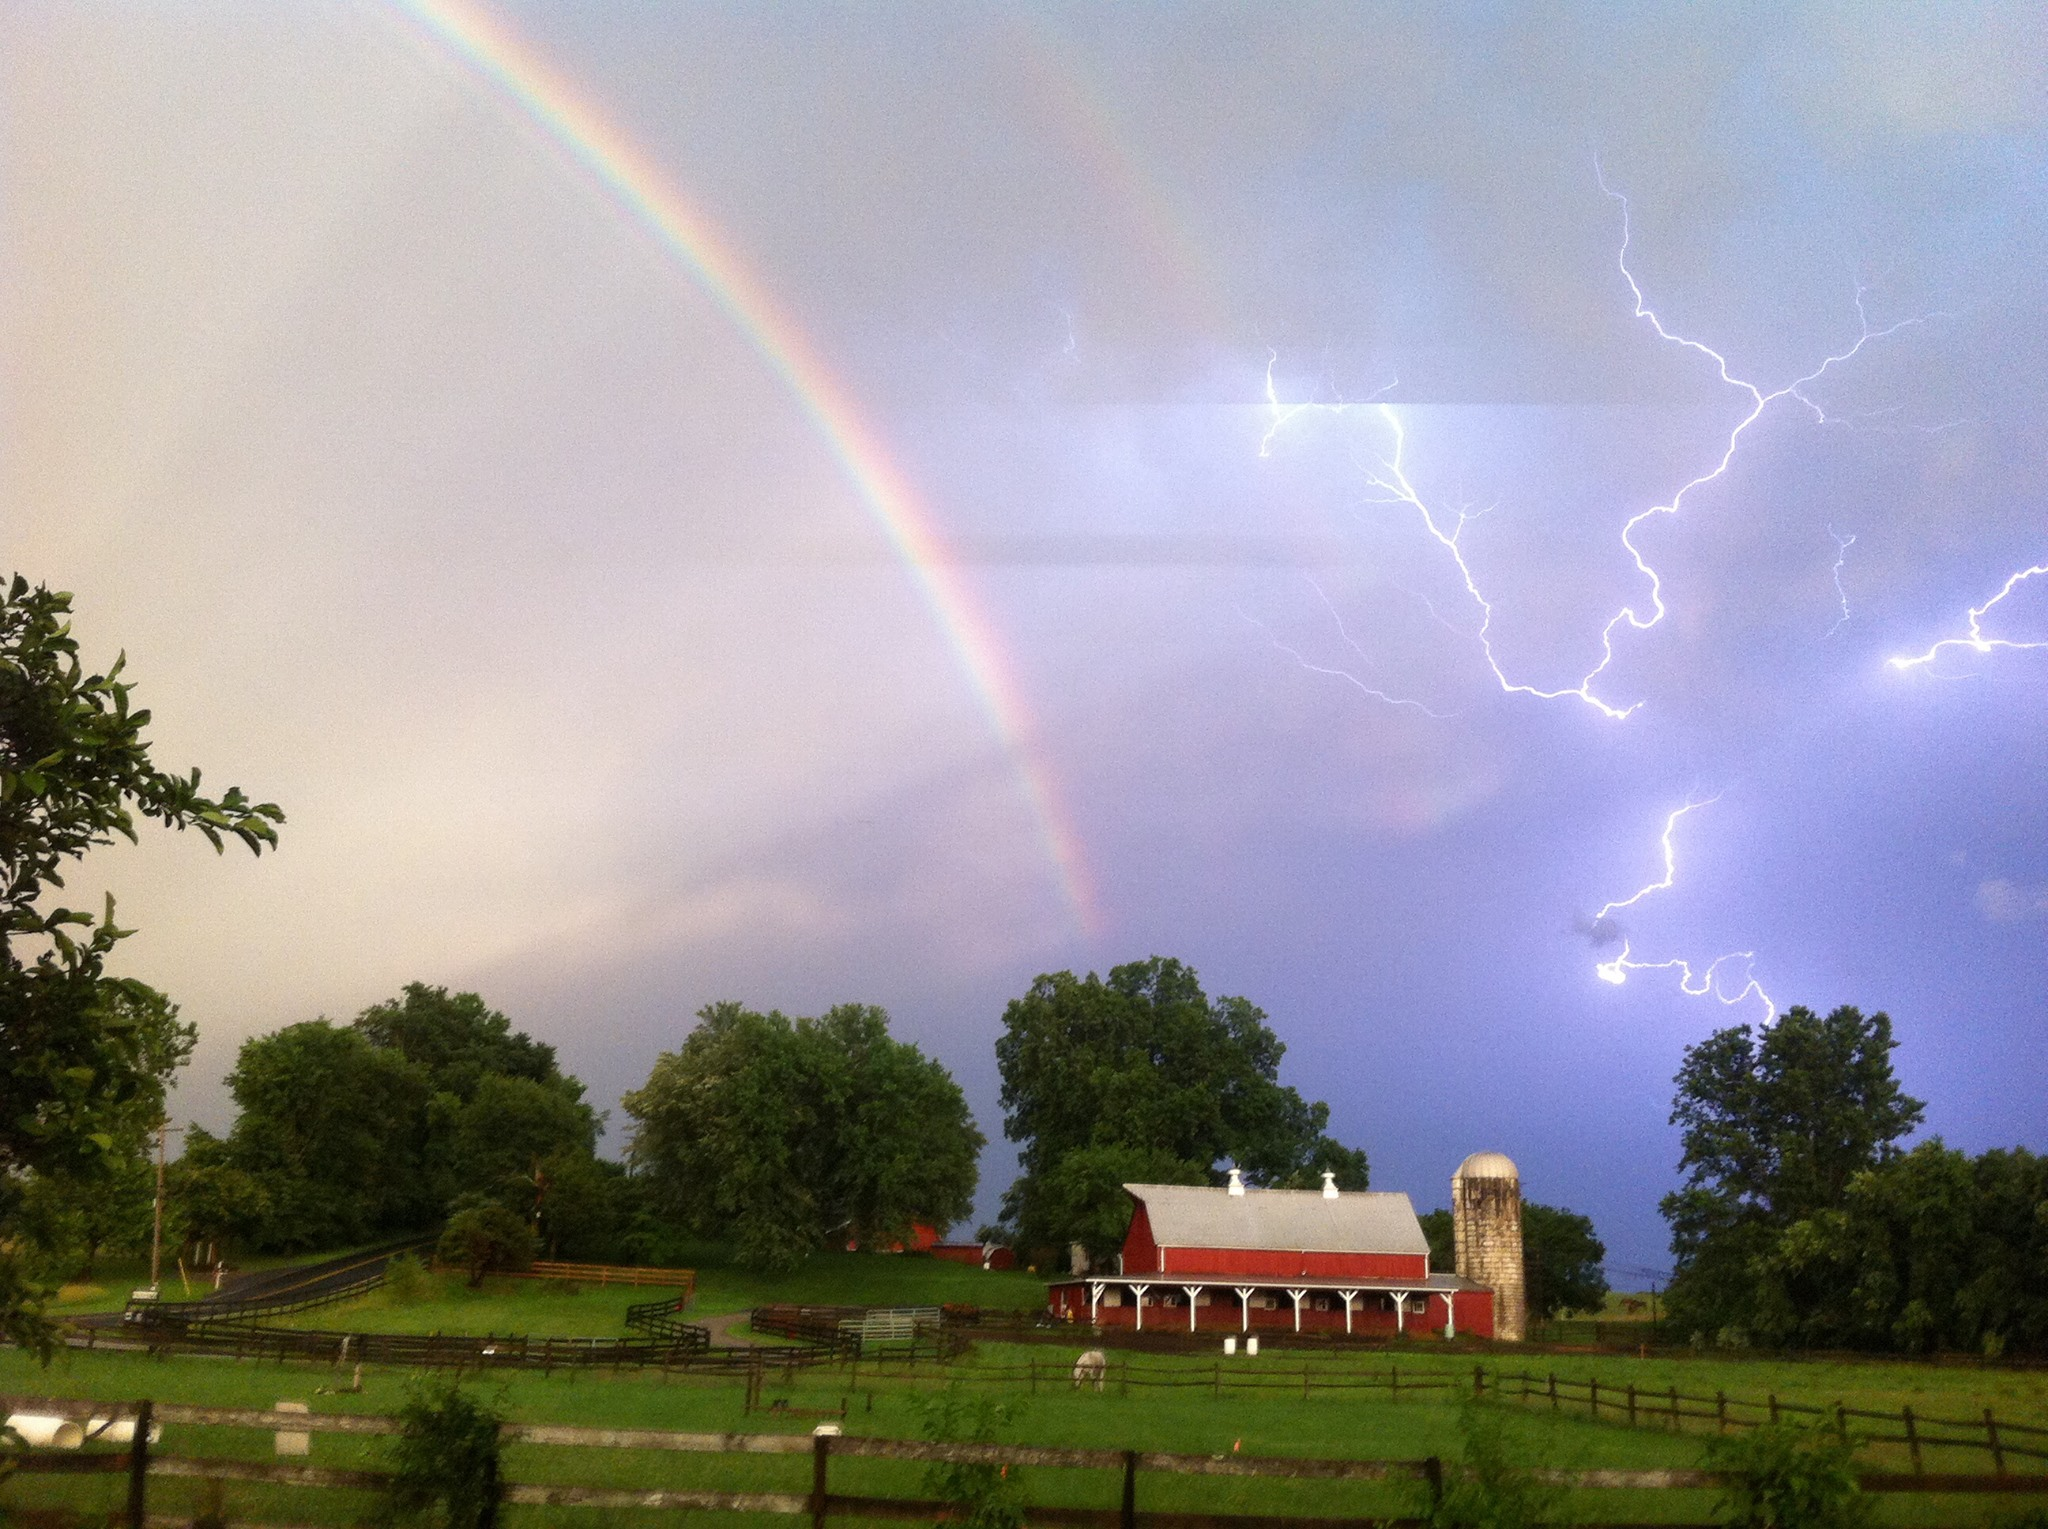 картинки радужные молния ещё модели запланированы